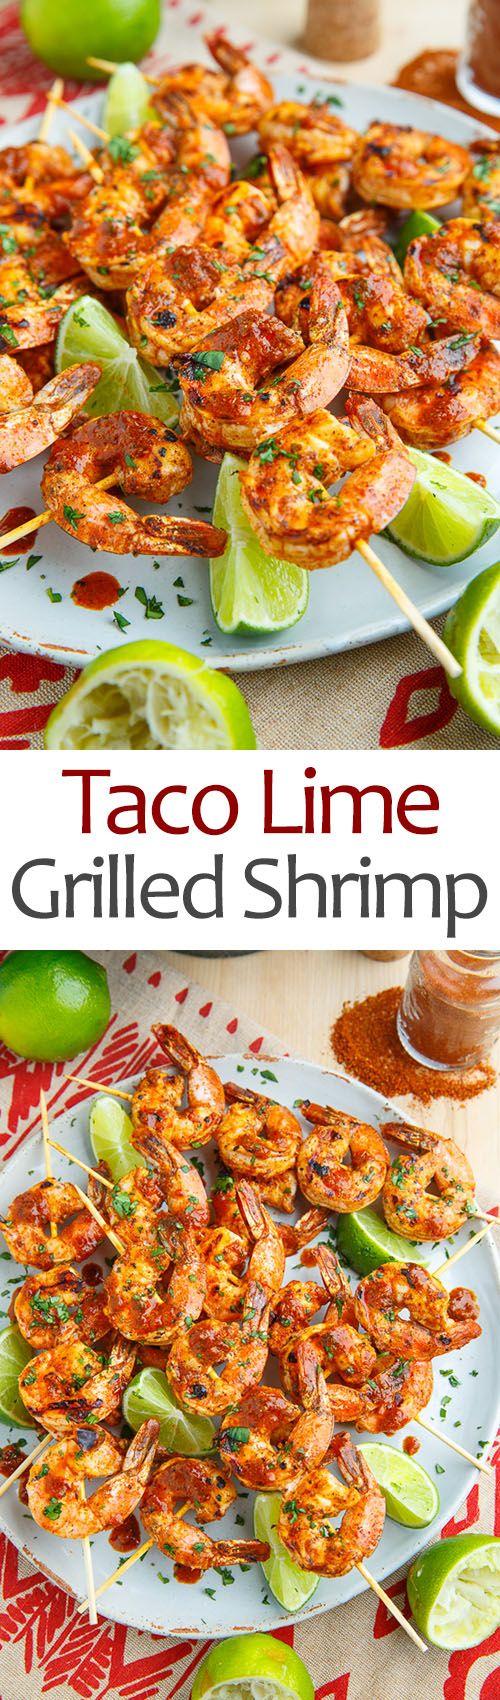 Taco Lime Grilled Shrimp